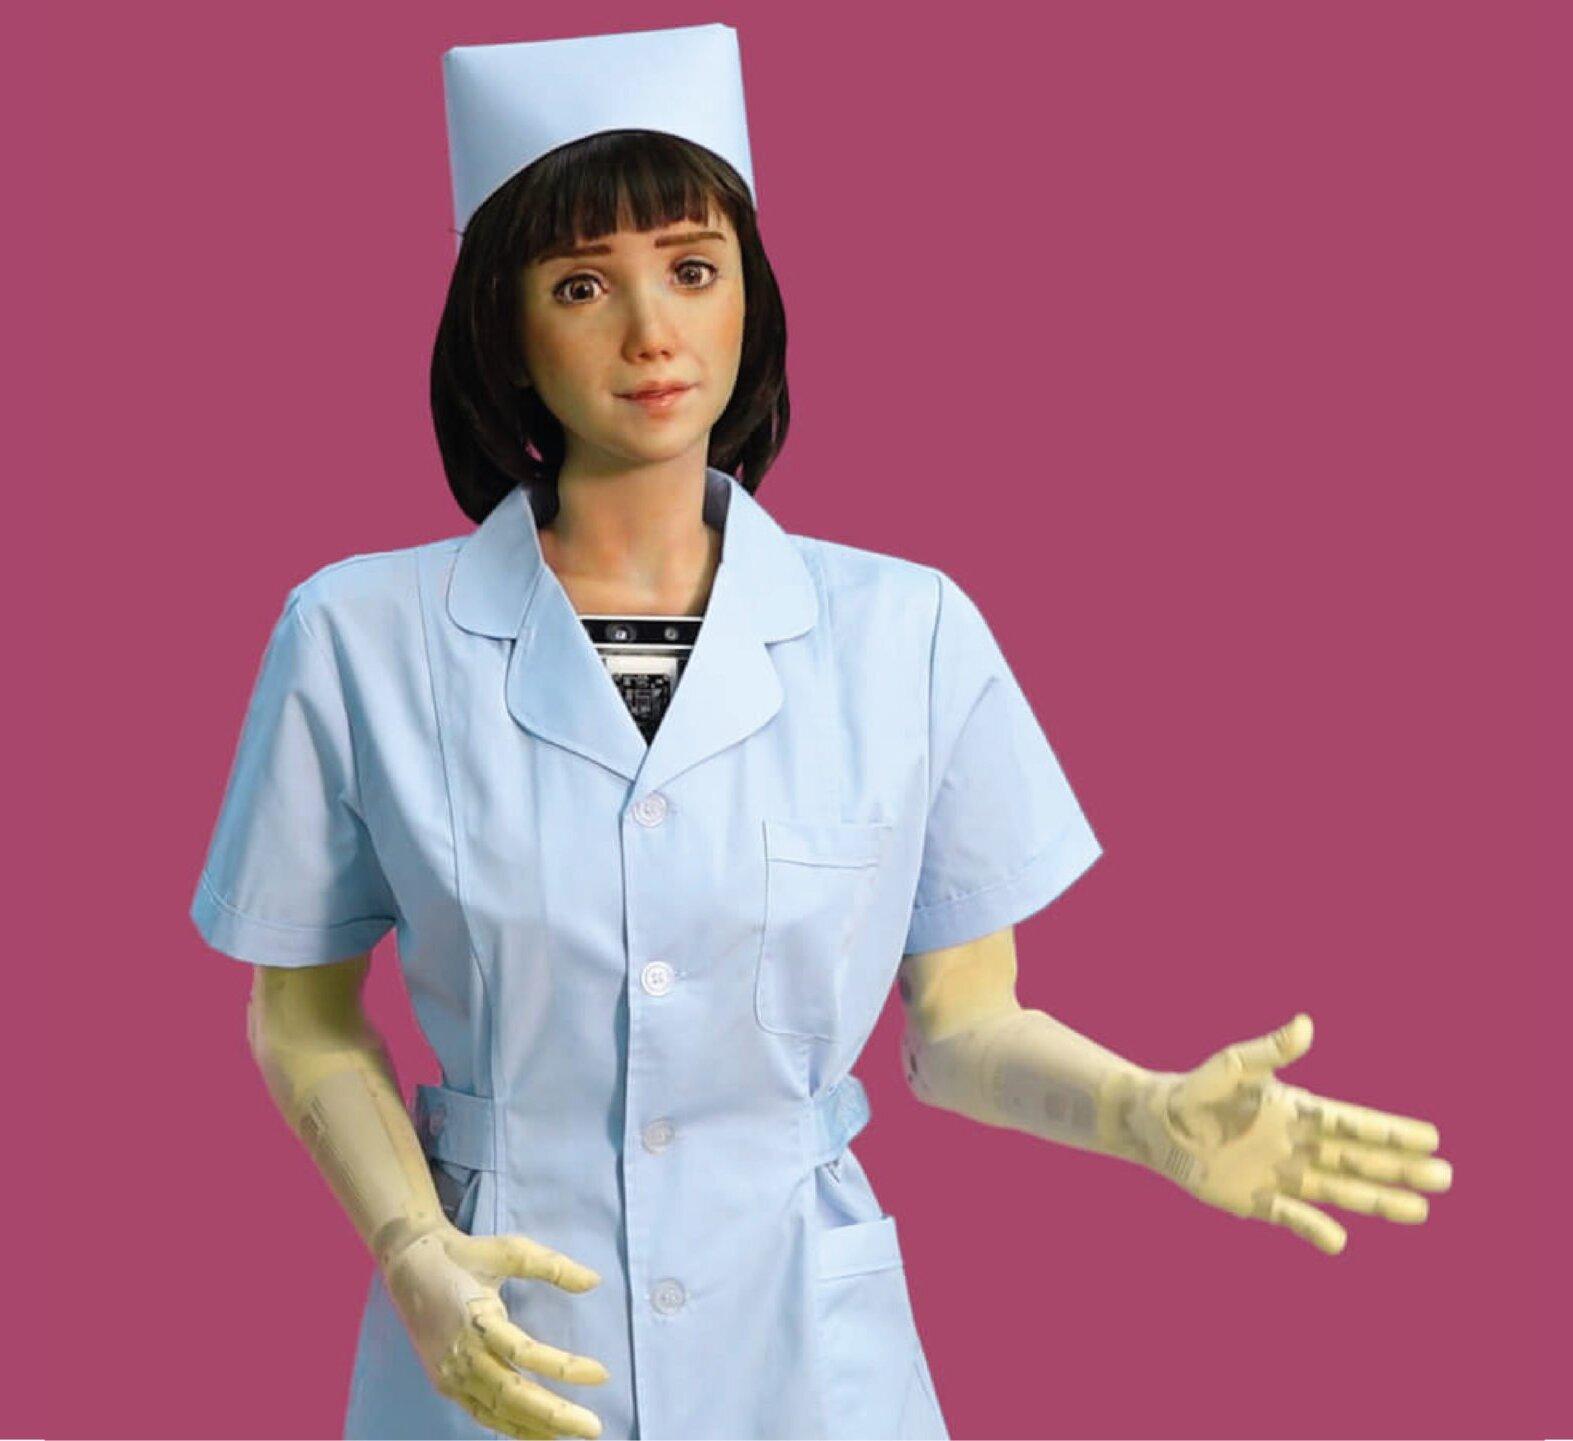 Primera enfermera robot para pacientes Covid-19